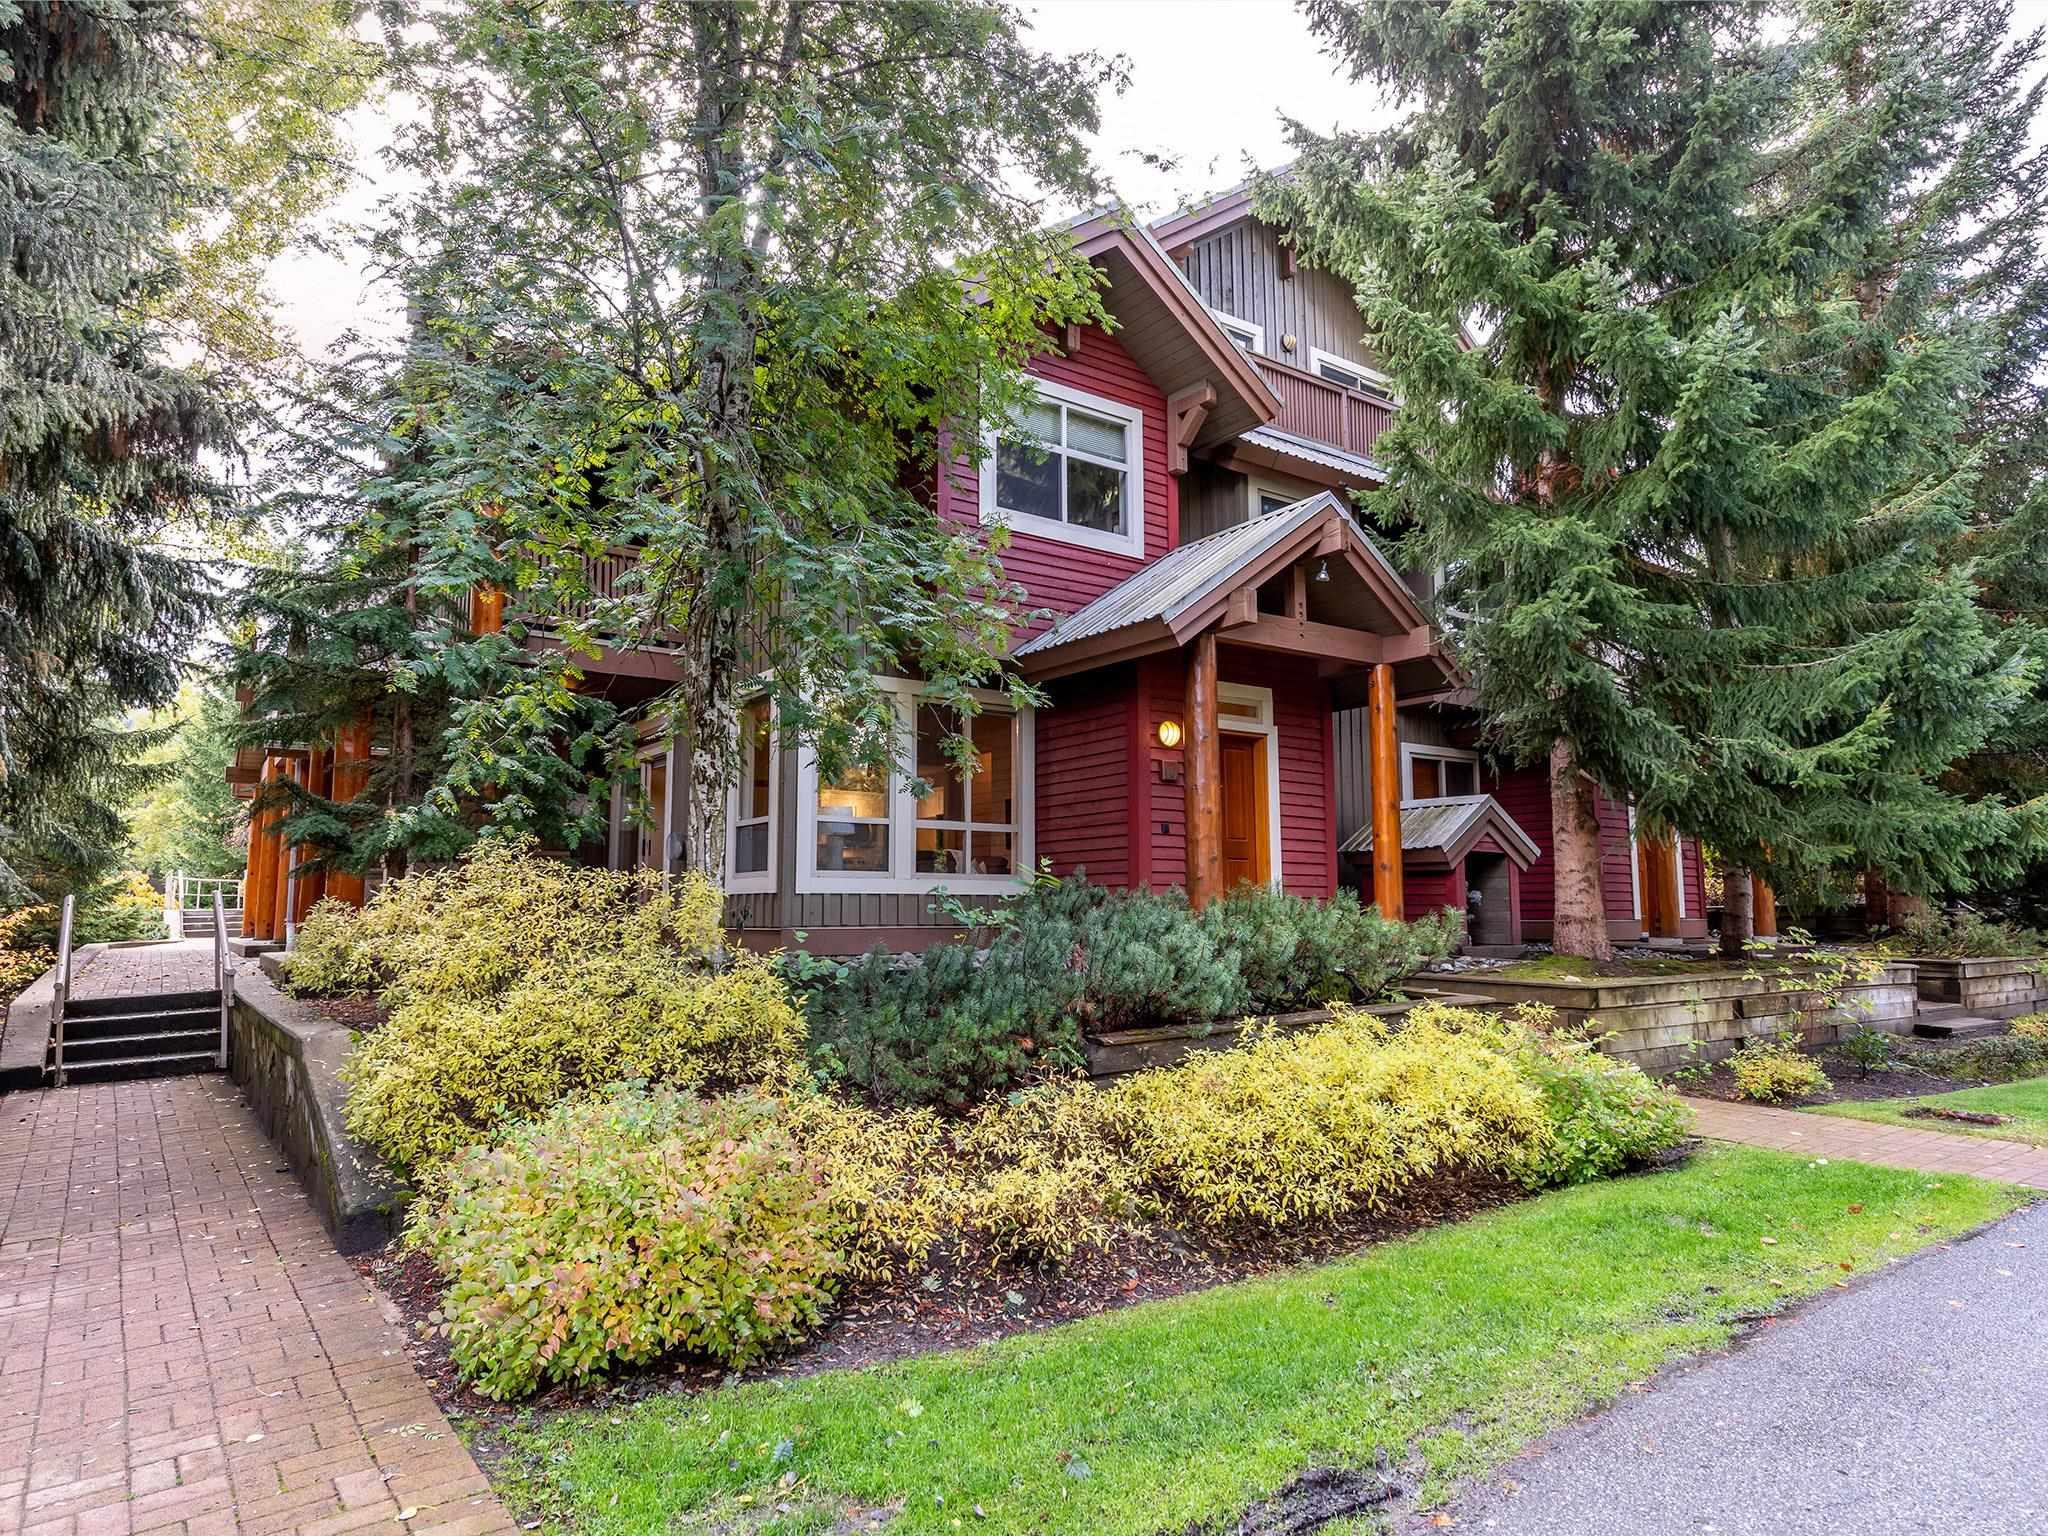 49 4385 NORTHLANDS BOULEVARD - Whistler Village Townhouse for sale, 1 Bedroom (R2624518)